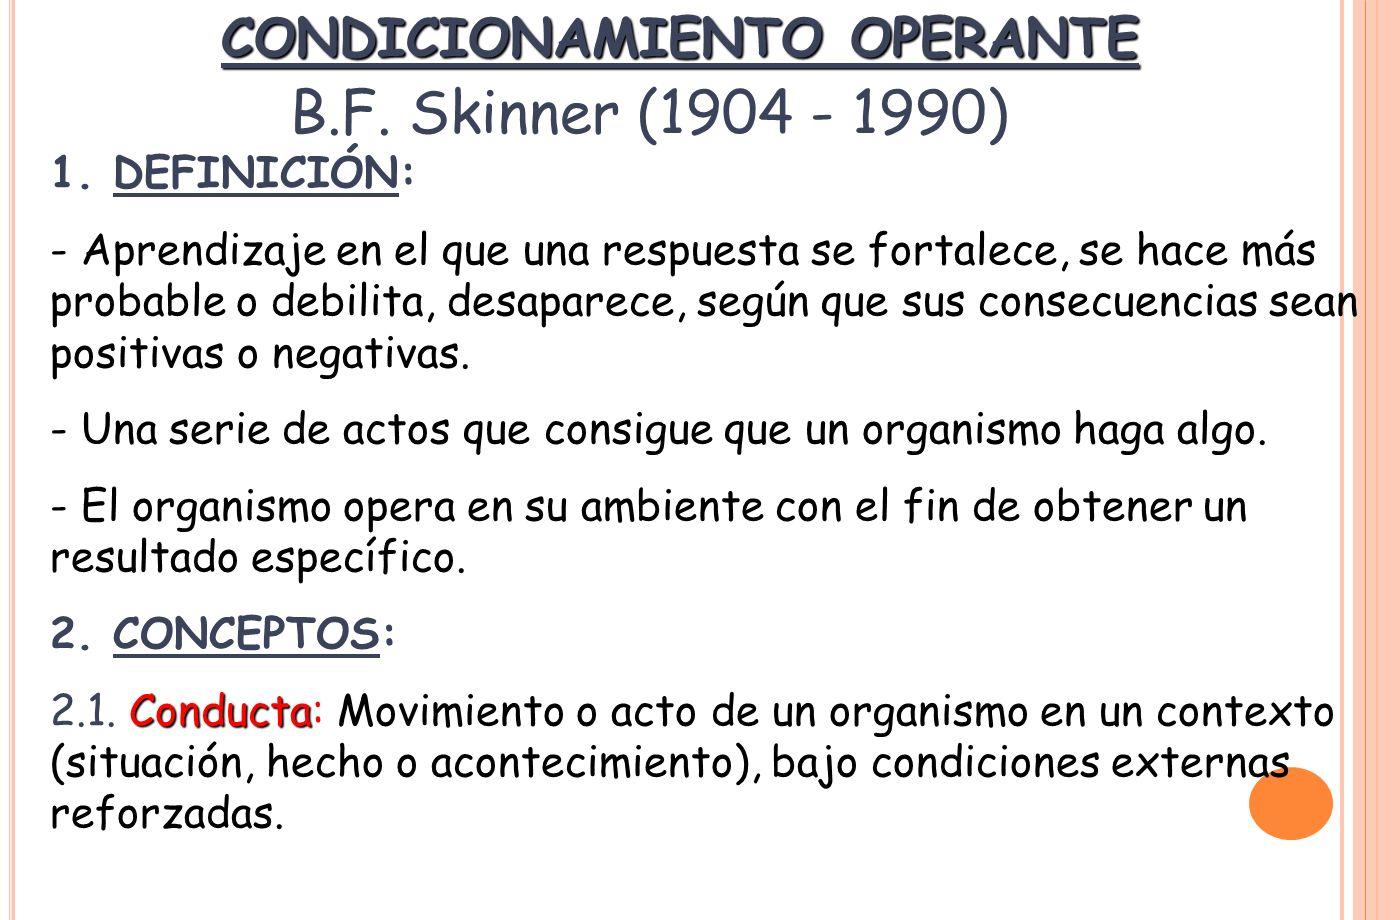 2.2.Operantes: Serie de actos o acciones que se refuerzan para que aparezcan en el futuro.